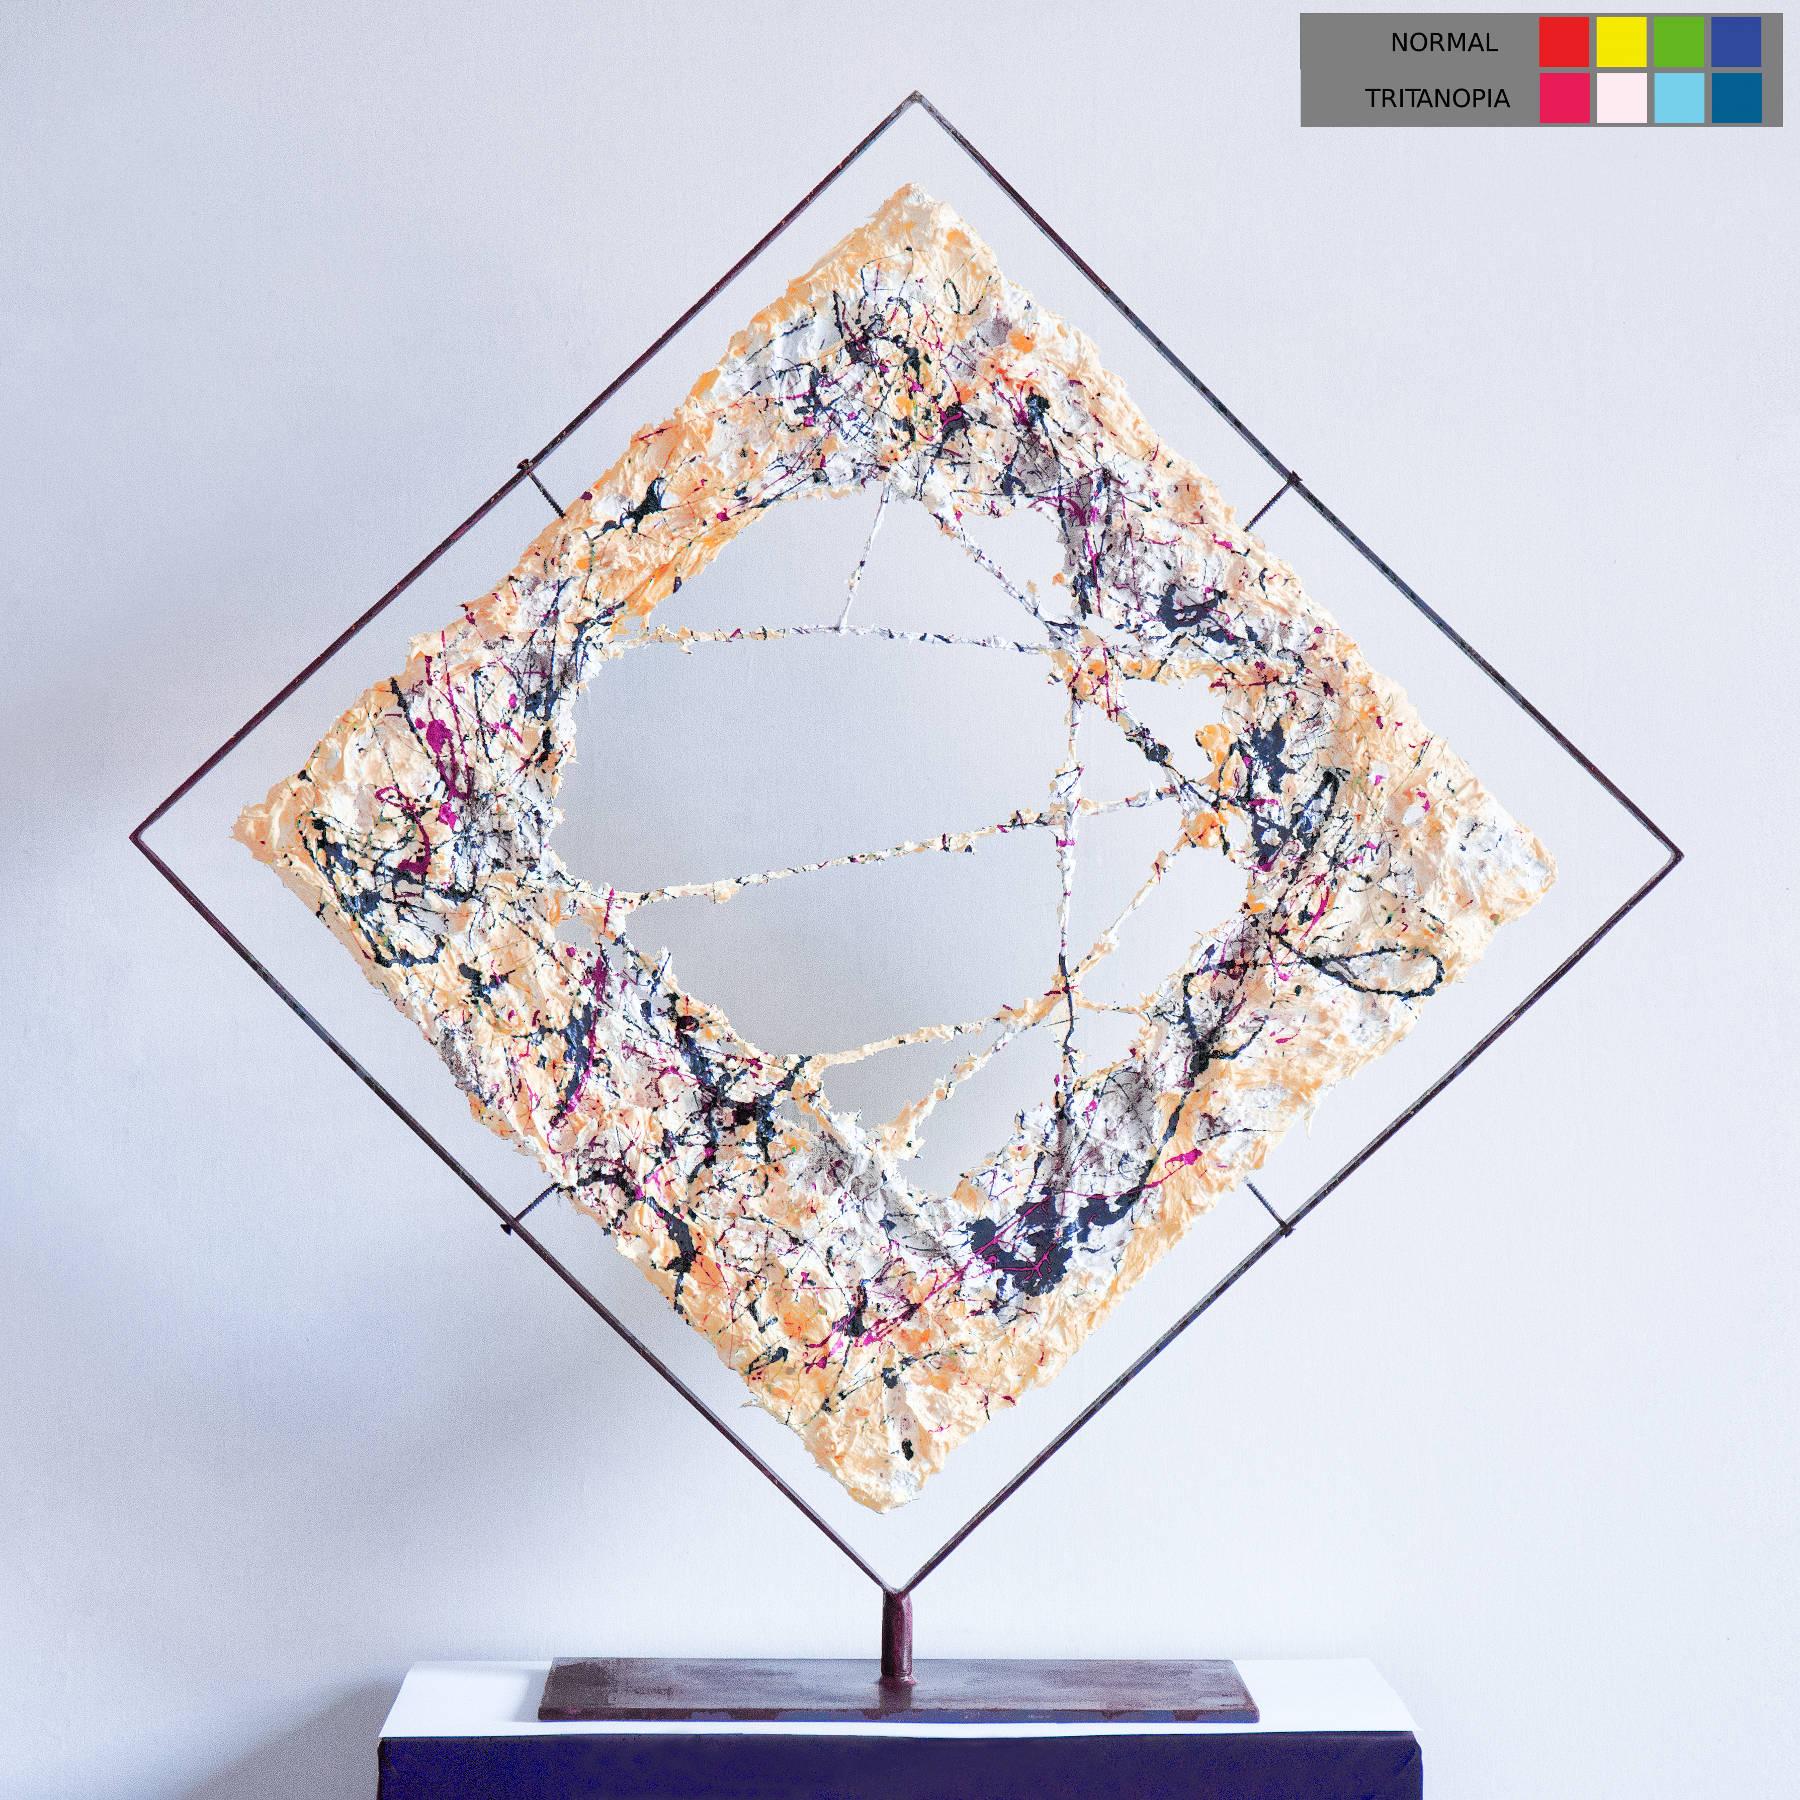 Visione dell'opera d'arte per gli affetti da tritanopia